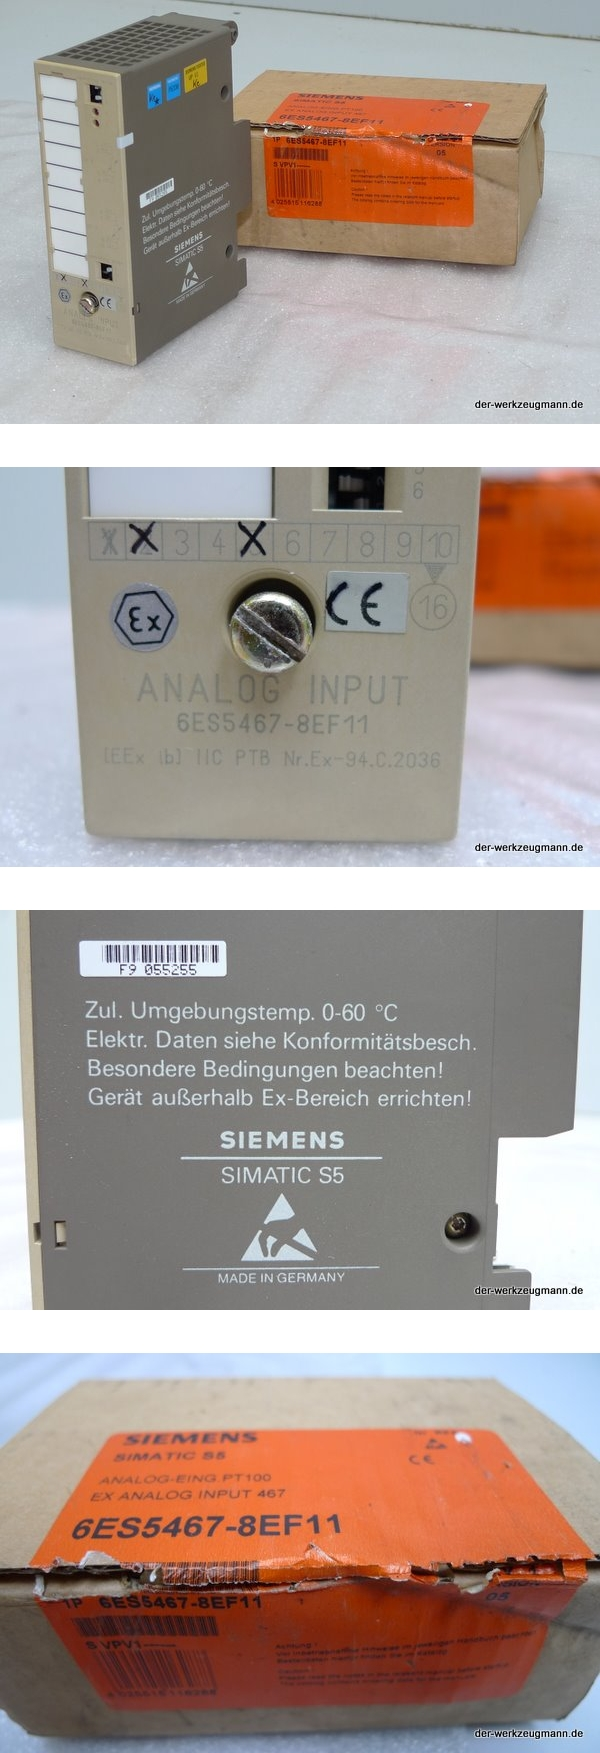 Siemens Simatic S5 SPS 6ES5467-8EF11 6ES5 467-8EF11